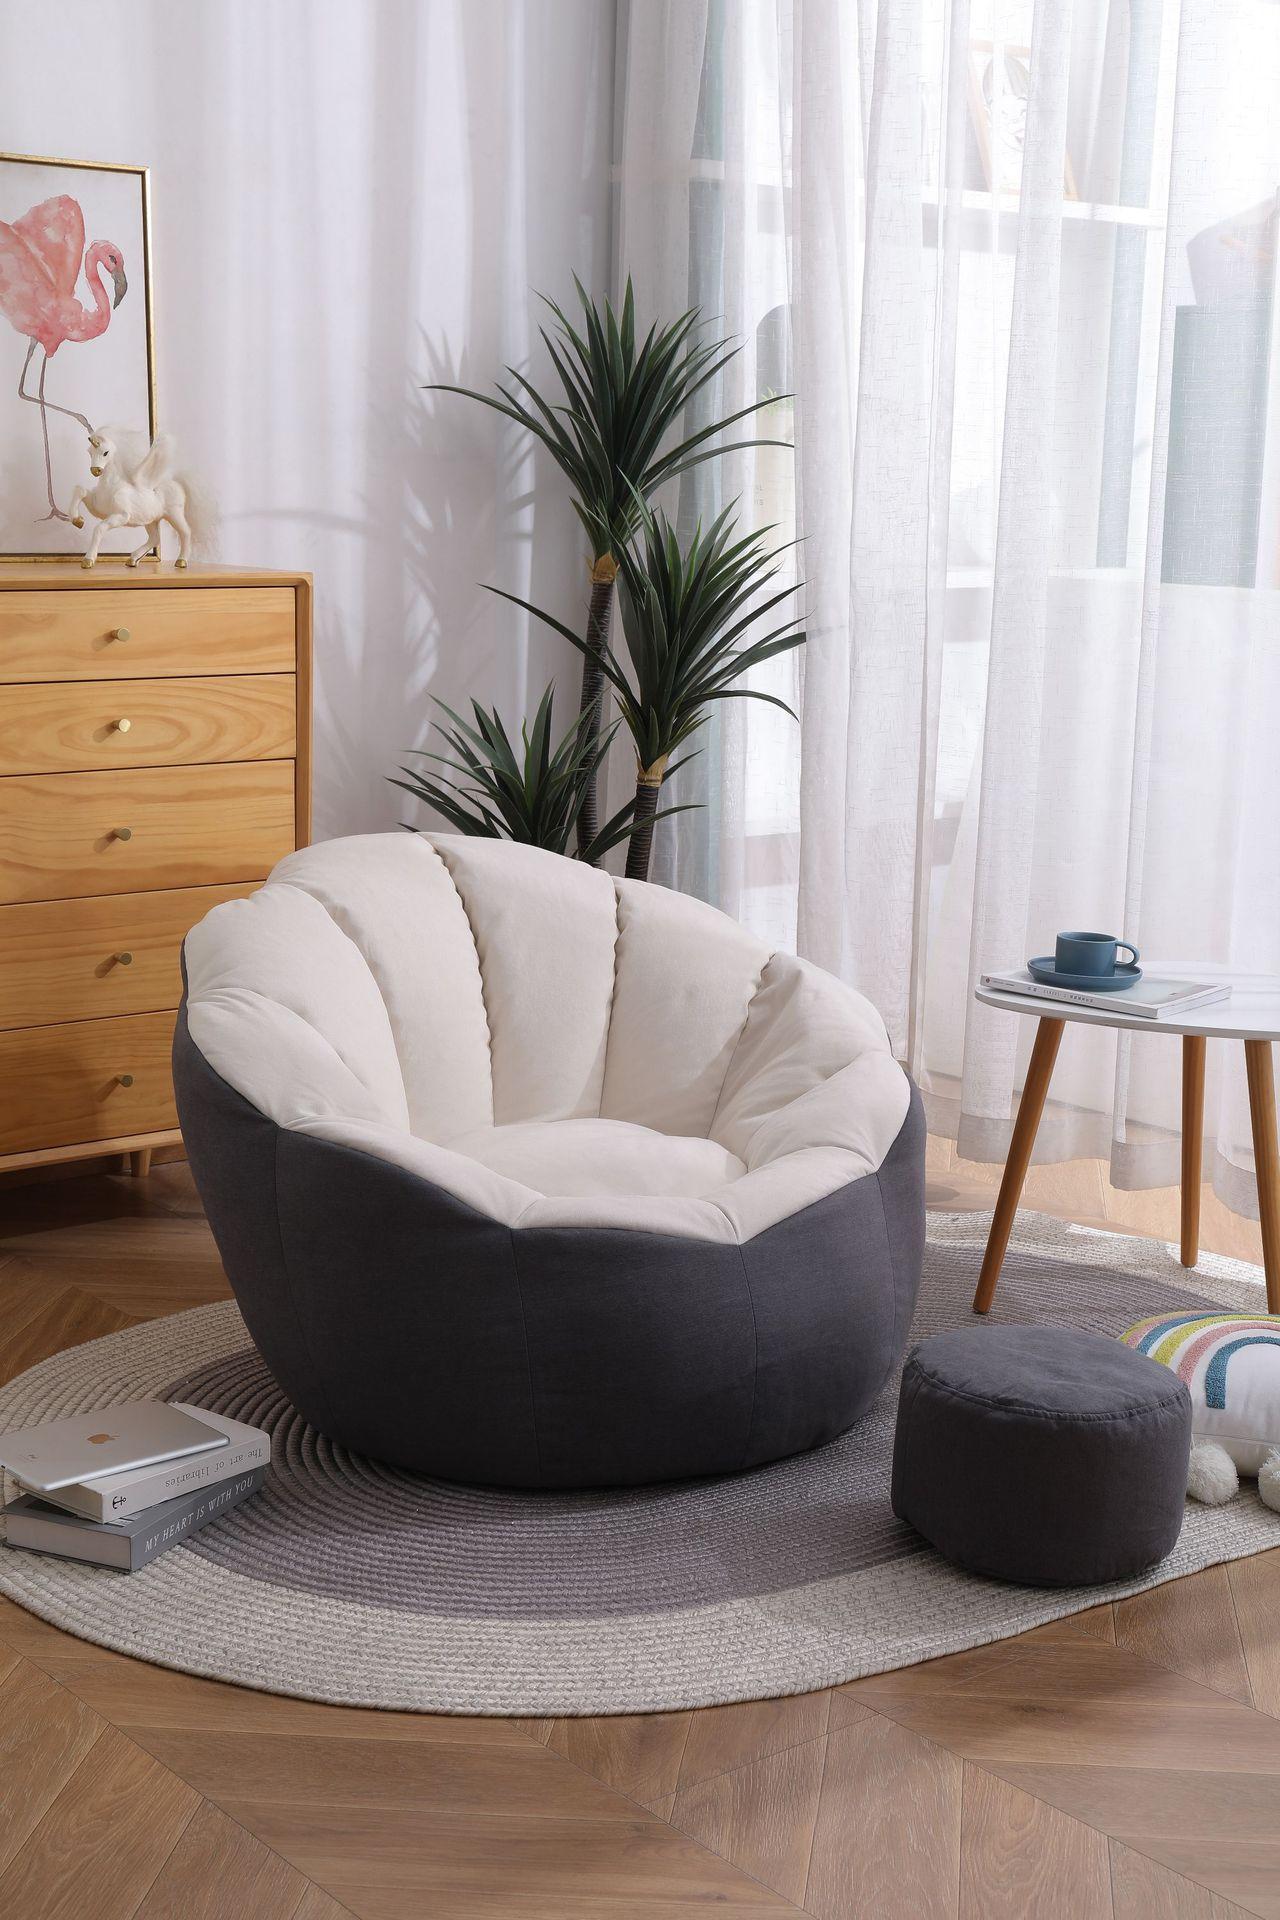 دروبشيبينغ لوازم غرفة نوم الترفيه اليقطين على شكل أريكة غطاء كيس قماش غرفة نوم كرسي واحد